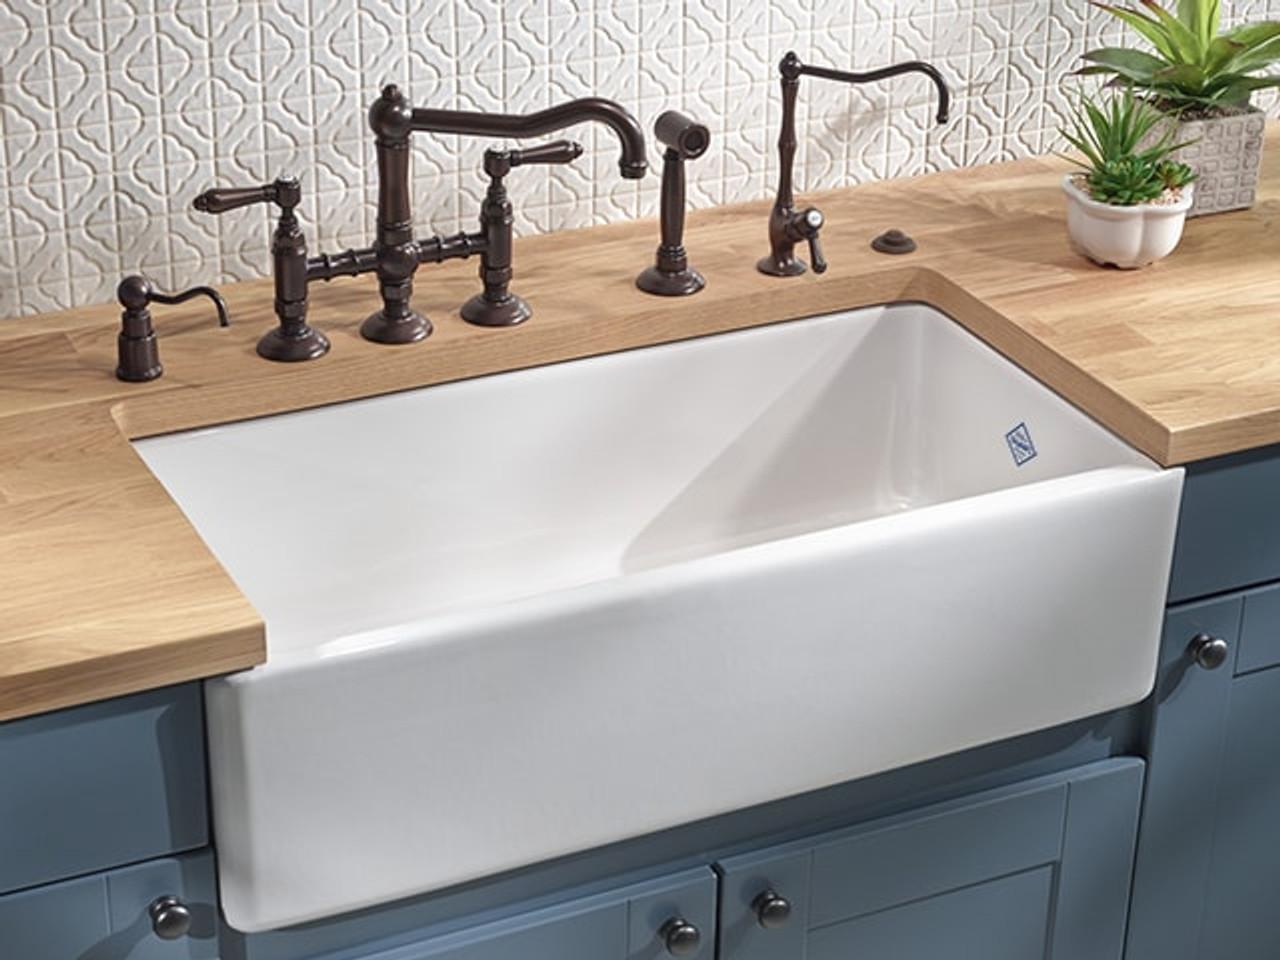 Shaws Butler 1000 Single Bowl Ceramic Kitchen Sink